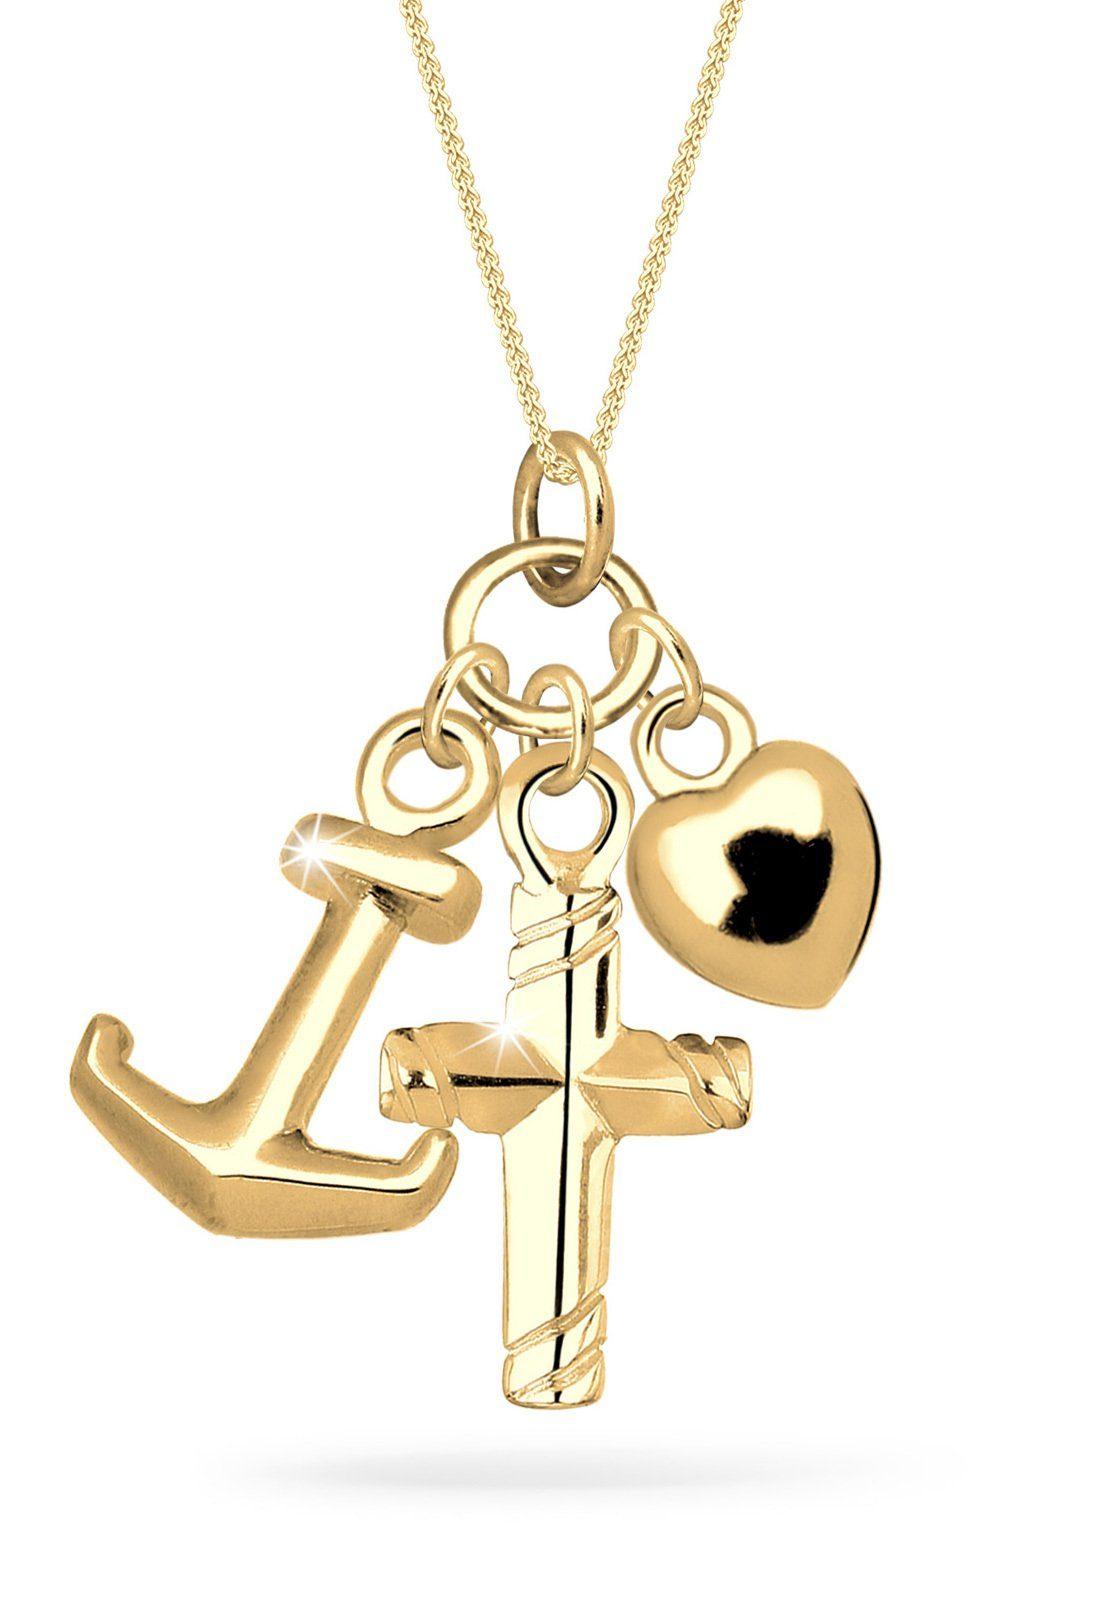 Goldhimmel Halskette »Anker Herz Kreuz Glaube Liebe Hoffnung 925 Silber«